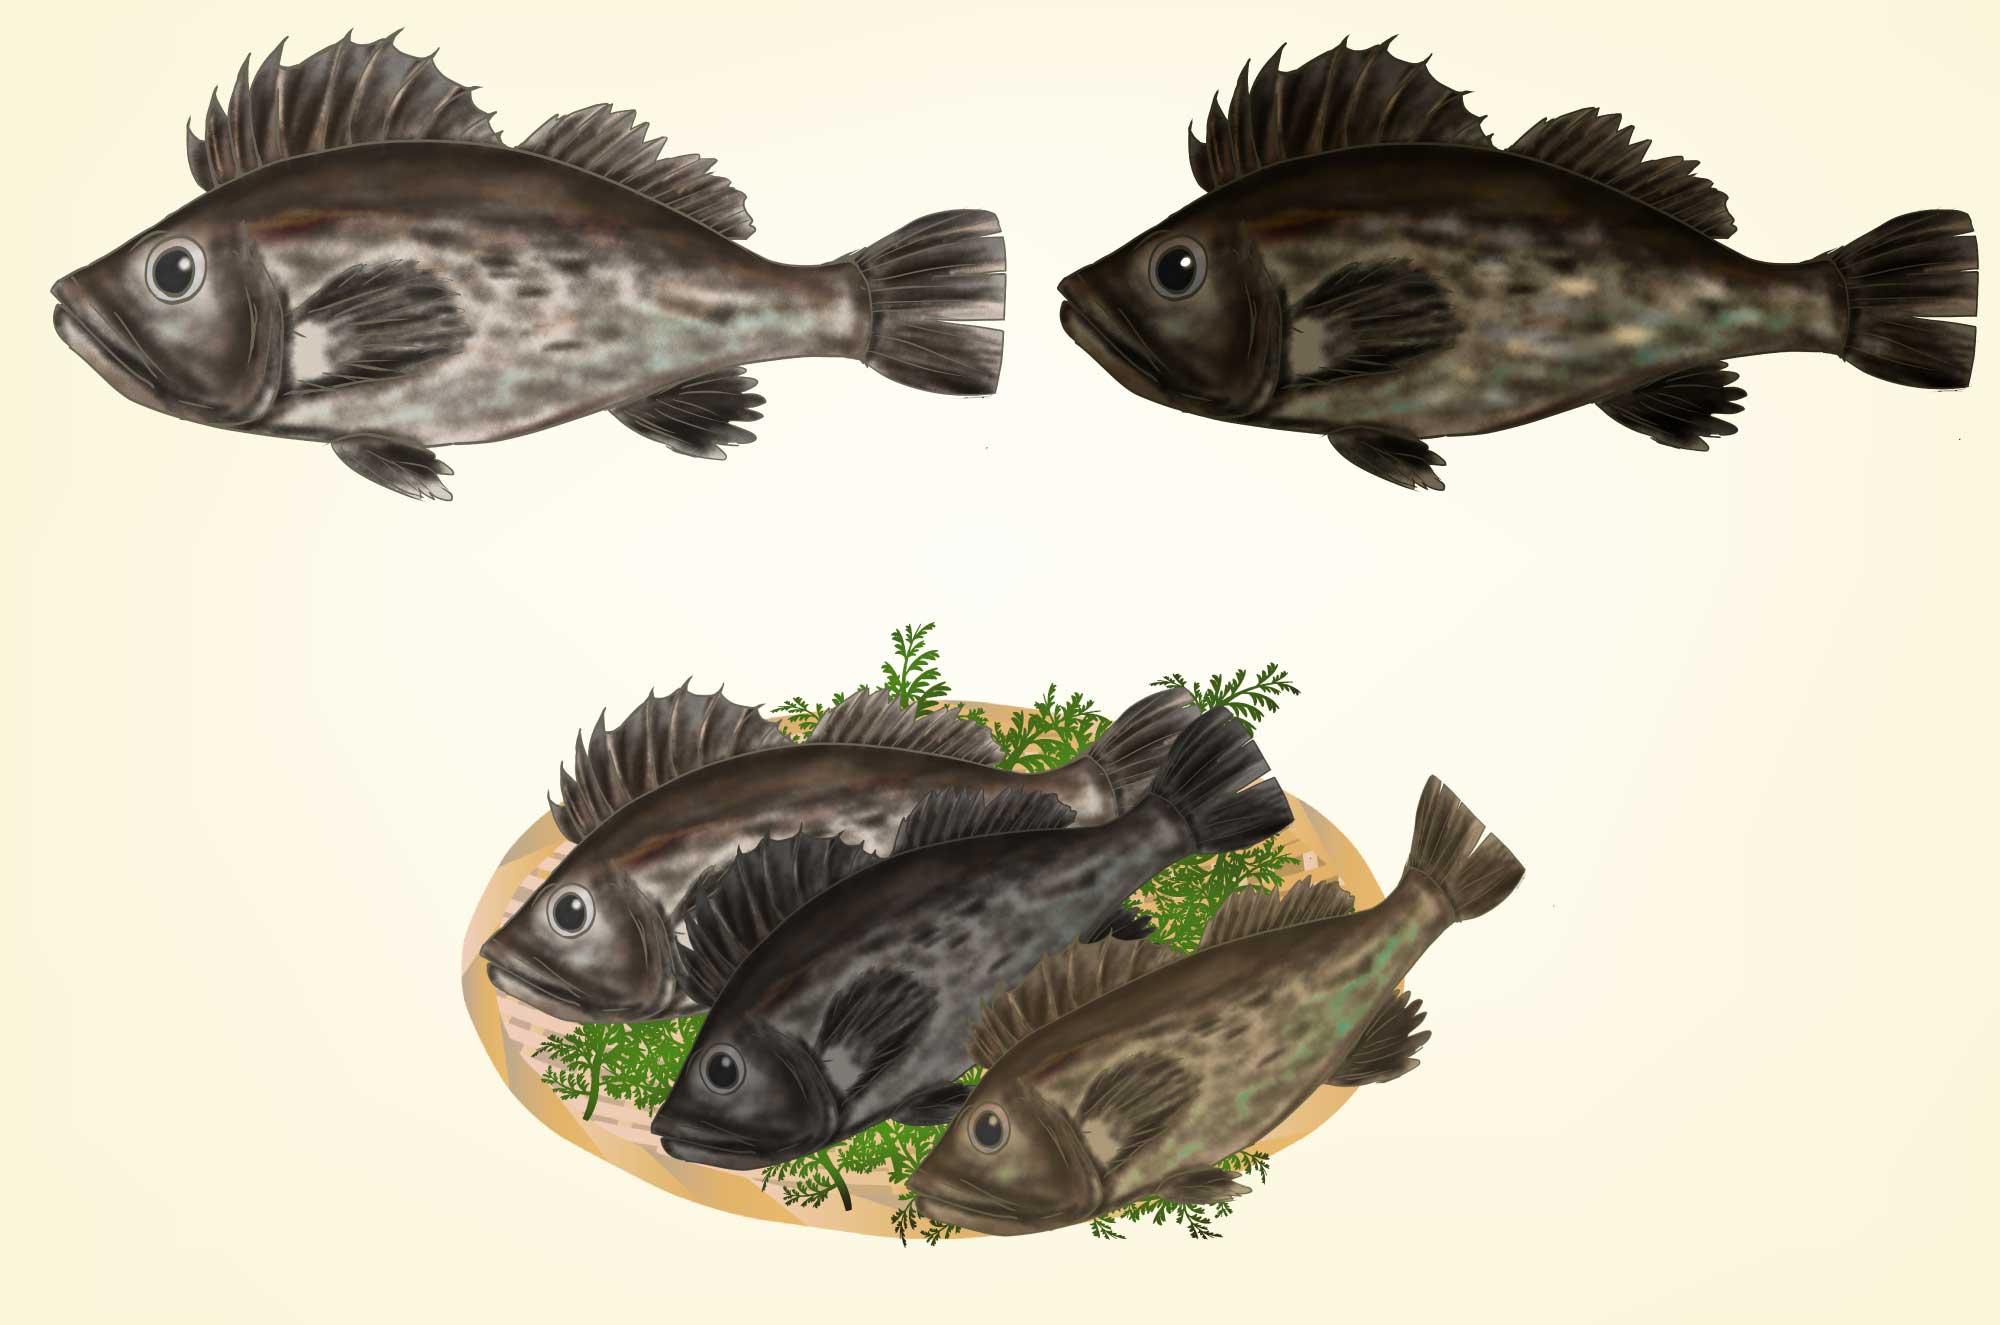 ソイの無料イラスト - クロソイ、マゾイの魚の素材